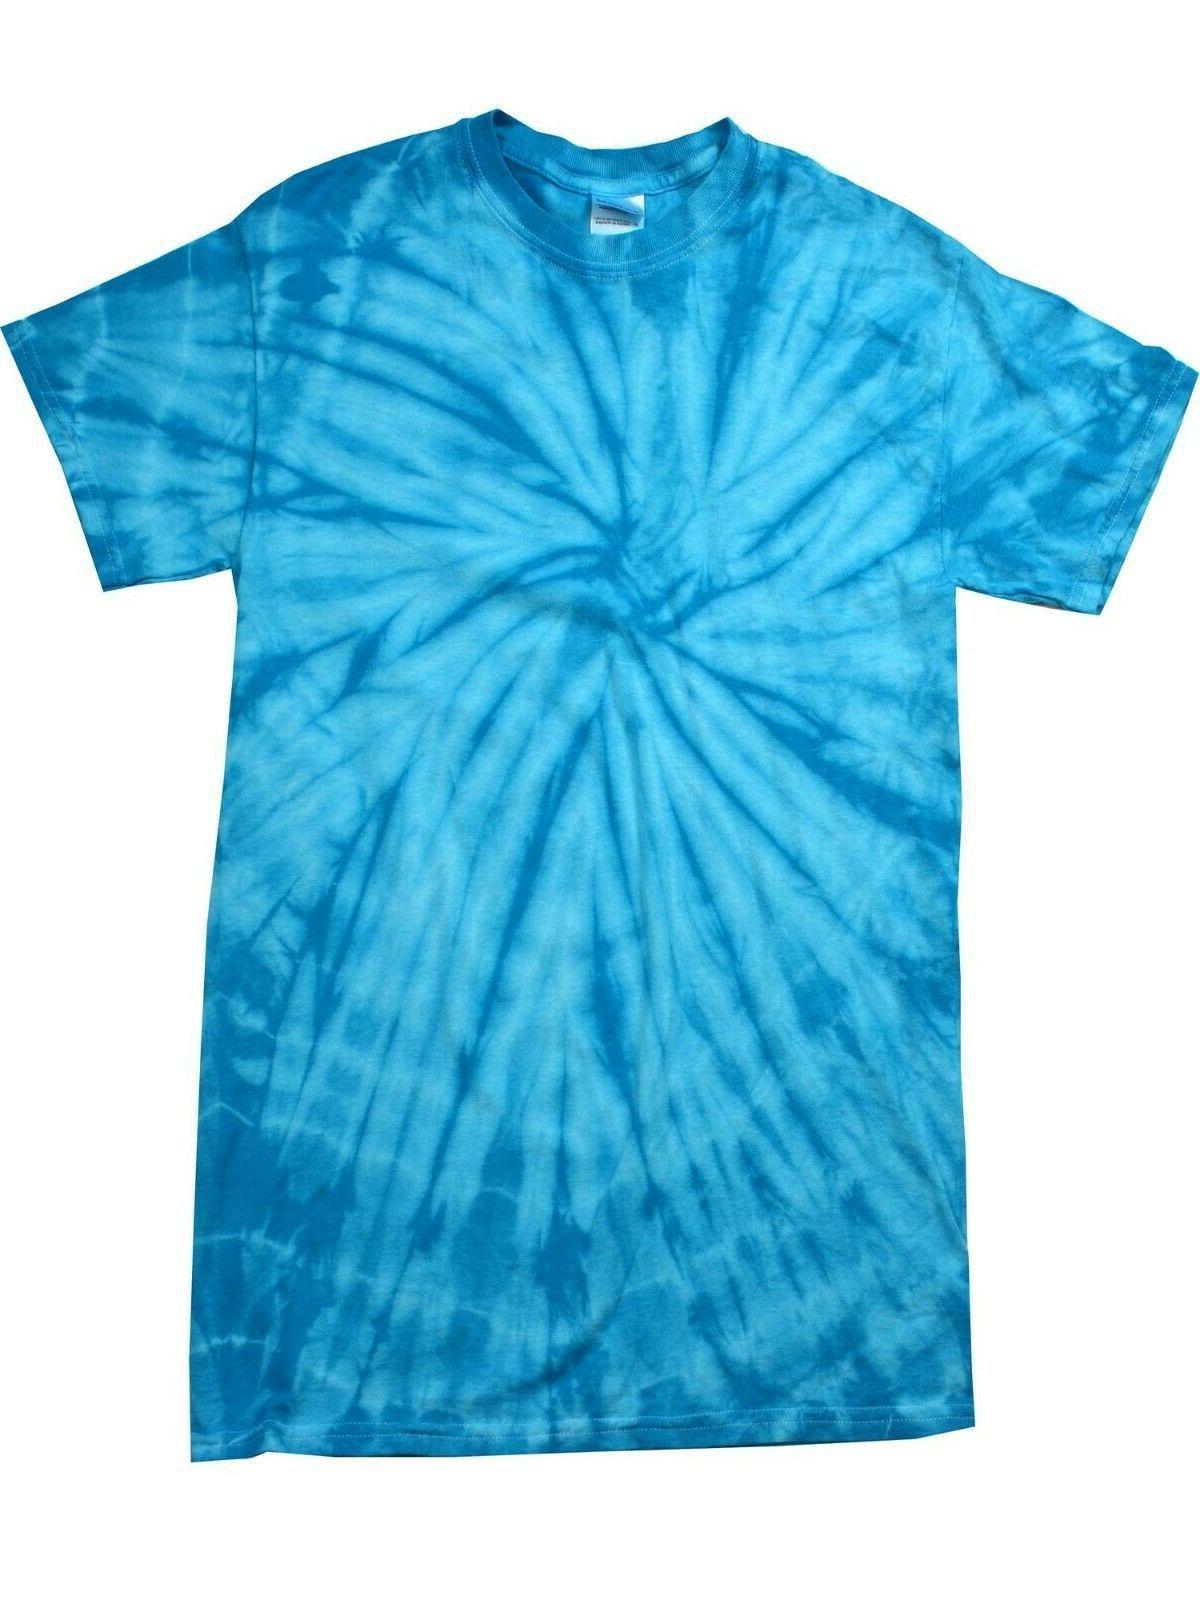 Pick Tie Dye Adult M L 3XL 4XL 5XL